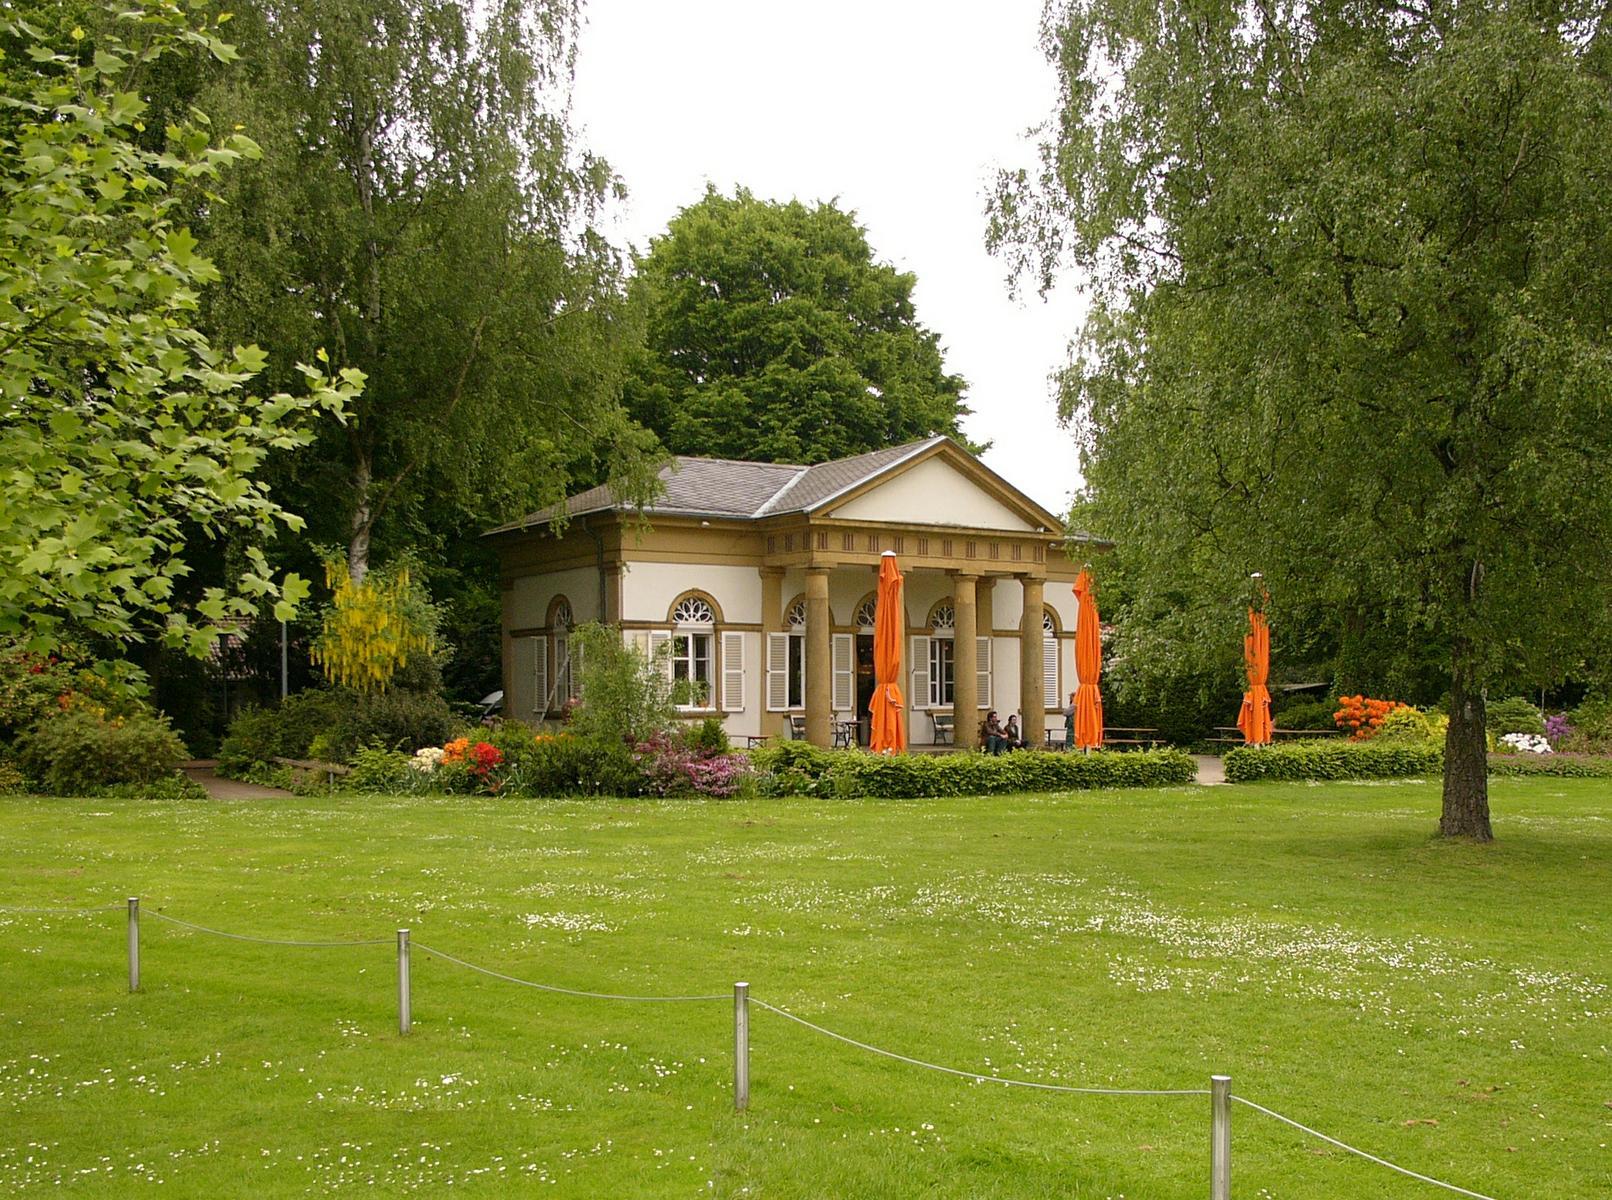 Lwl august 2013 denkmalpflege landschafts und baukultur in westfalen - Gartenhaus bielefeld ...